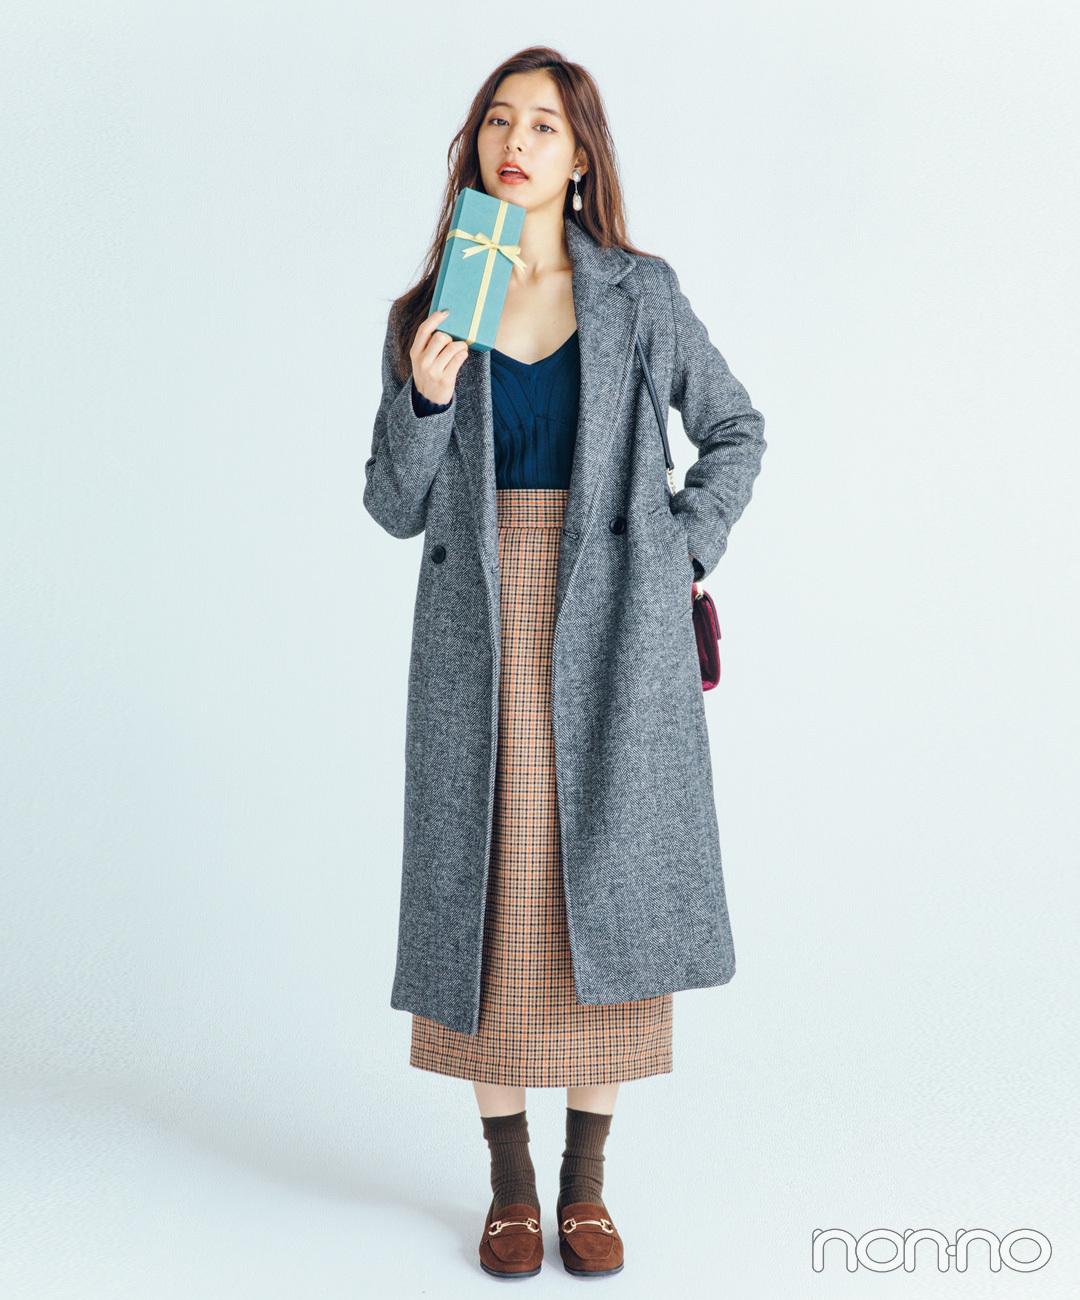 【ローファーコーデ】新木優子は鎖骨見せニットでマニッシュコートを色っぽく